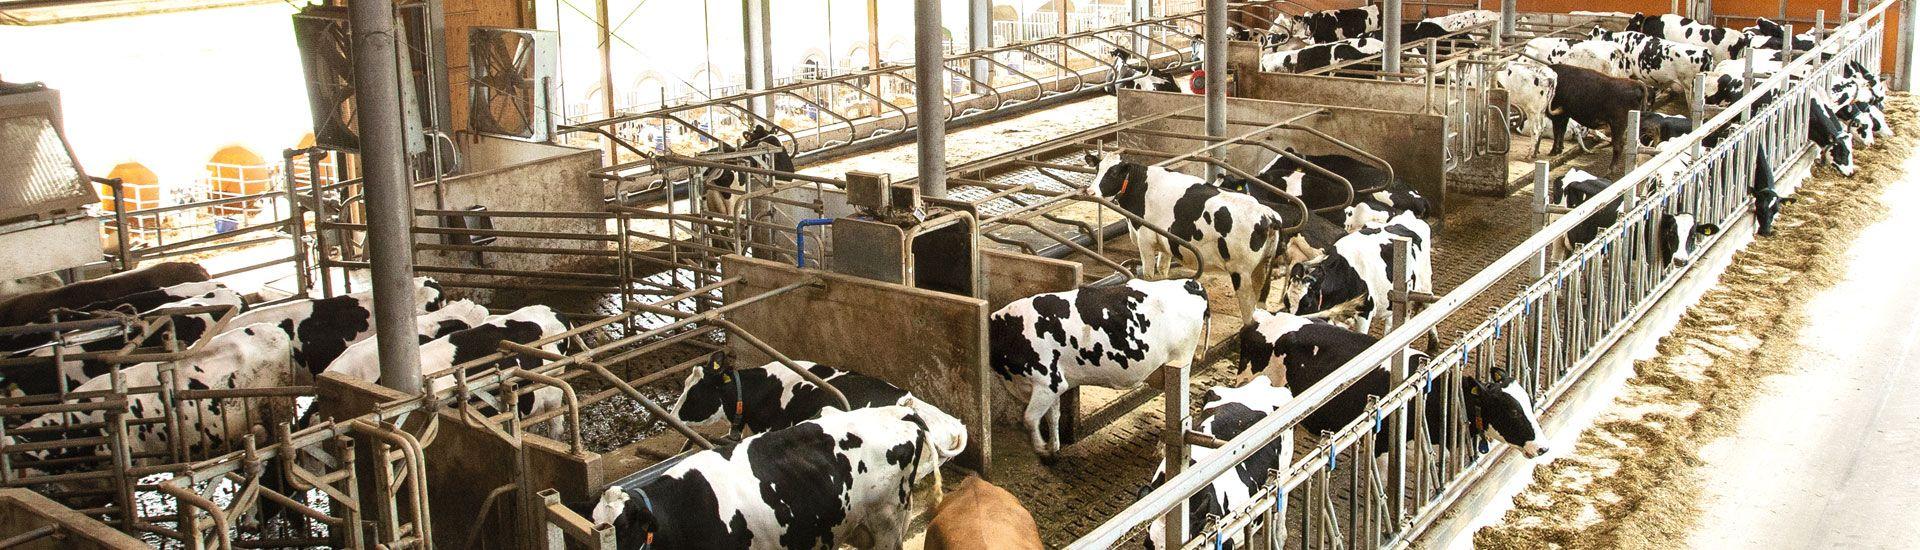 🐄Gummimatten im Stall: Kuhkomfort für mehr Tierwohl